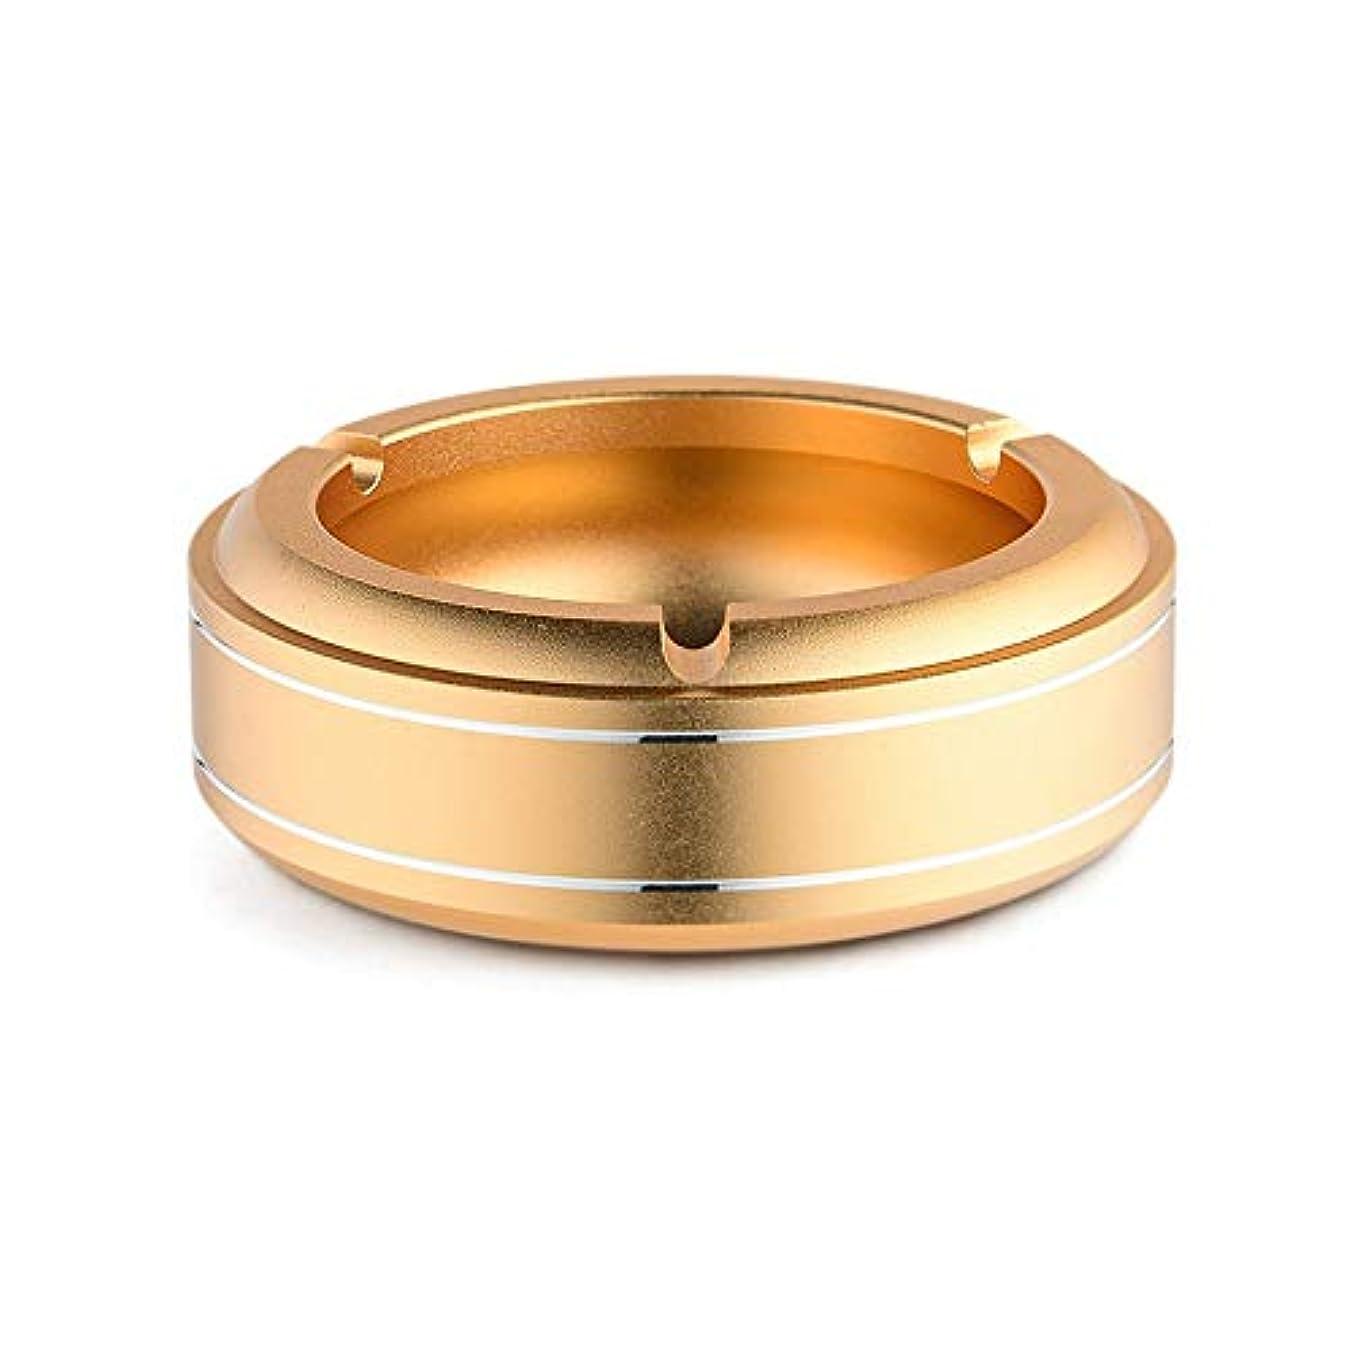 皿カップブルジョンヨーロッパスタイルのアルミ合金灰皿、繊細な質感オフィス装飾灰皿ホームリビングルームの寝室灰皿ホリデーギフト (色 : ゴールド, Size : M)